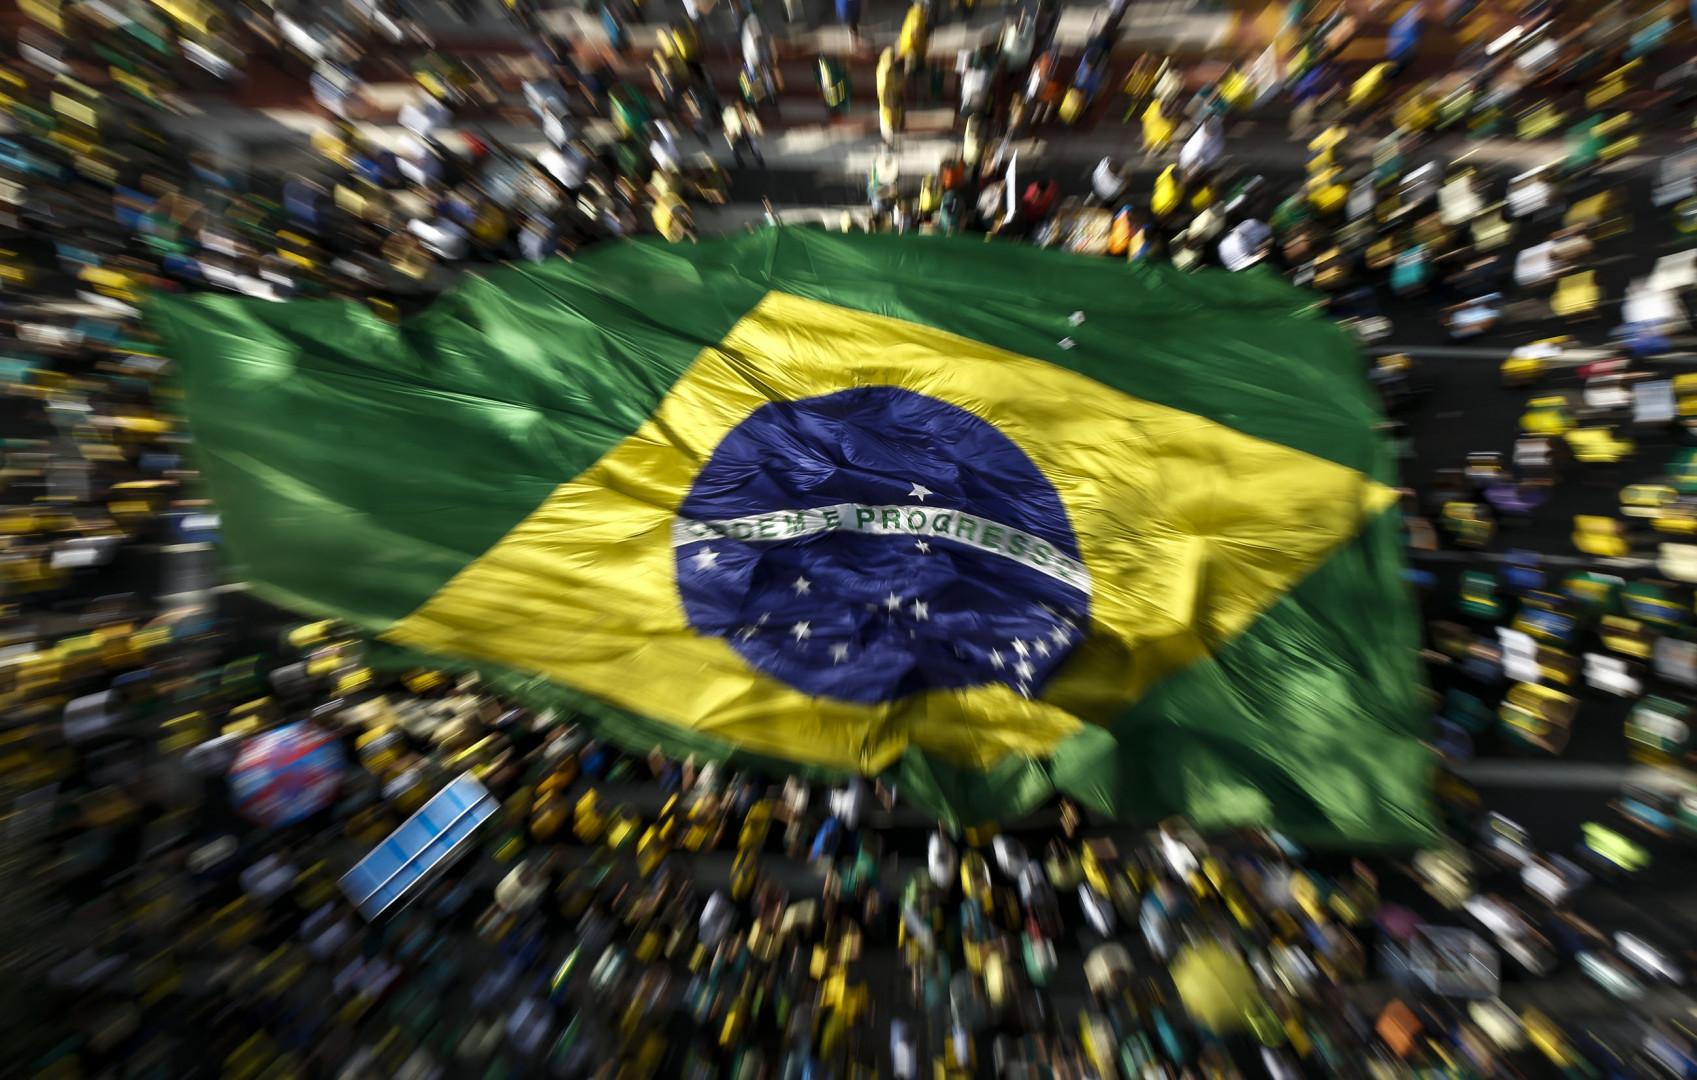 Un million de Brésiliens étaient dans les rues de Sao Paulo, le 17 août 2015, selon les organisateurs